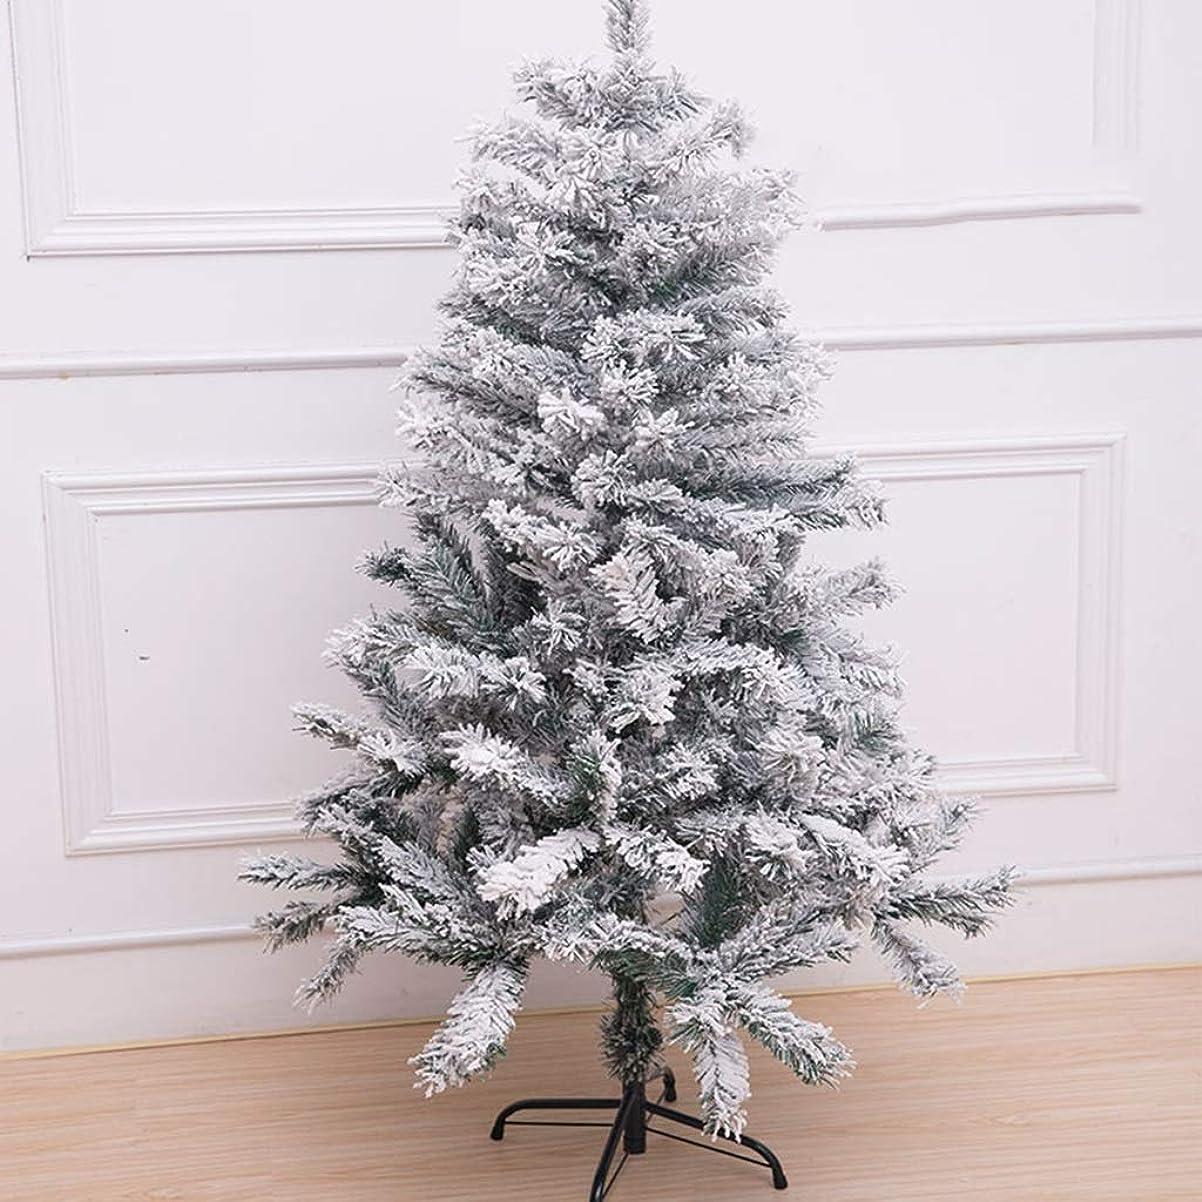 制限読み書きのできない牧草地JWWOZ クリスマスツリー1.5メートル、スノーフレーク群がる暗号化クリスマスツリーホテルショッピングモールクリスマスデコレーション